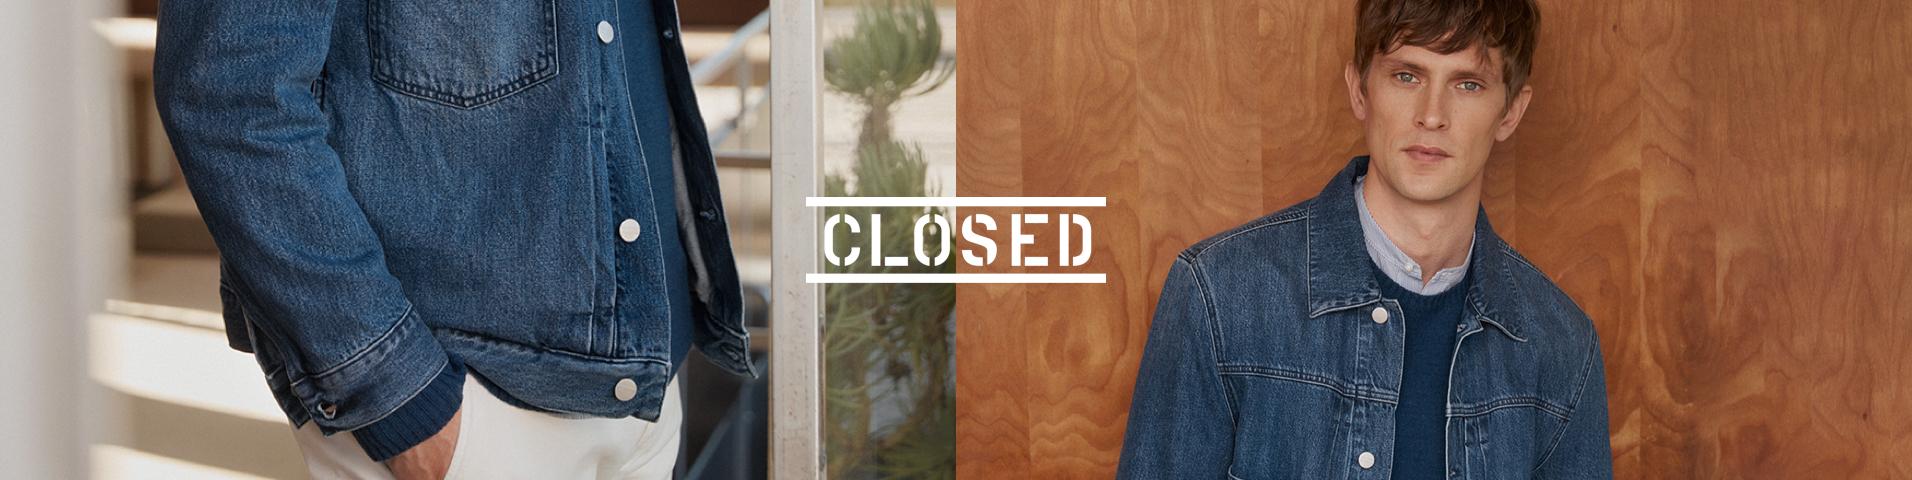 CLOSED Salg | Herre | Jeans | Nye tilbud hos Zalando